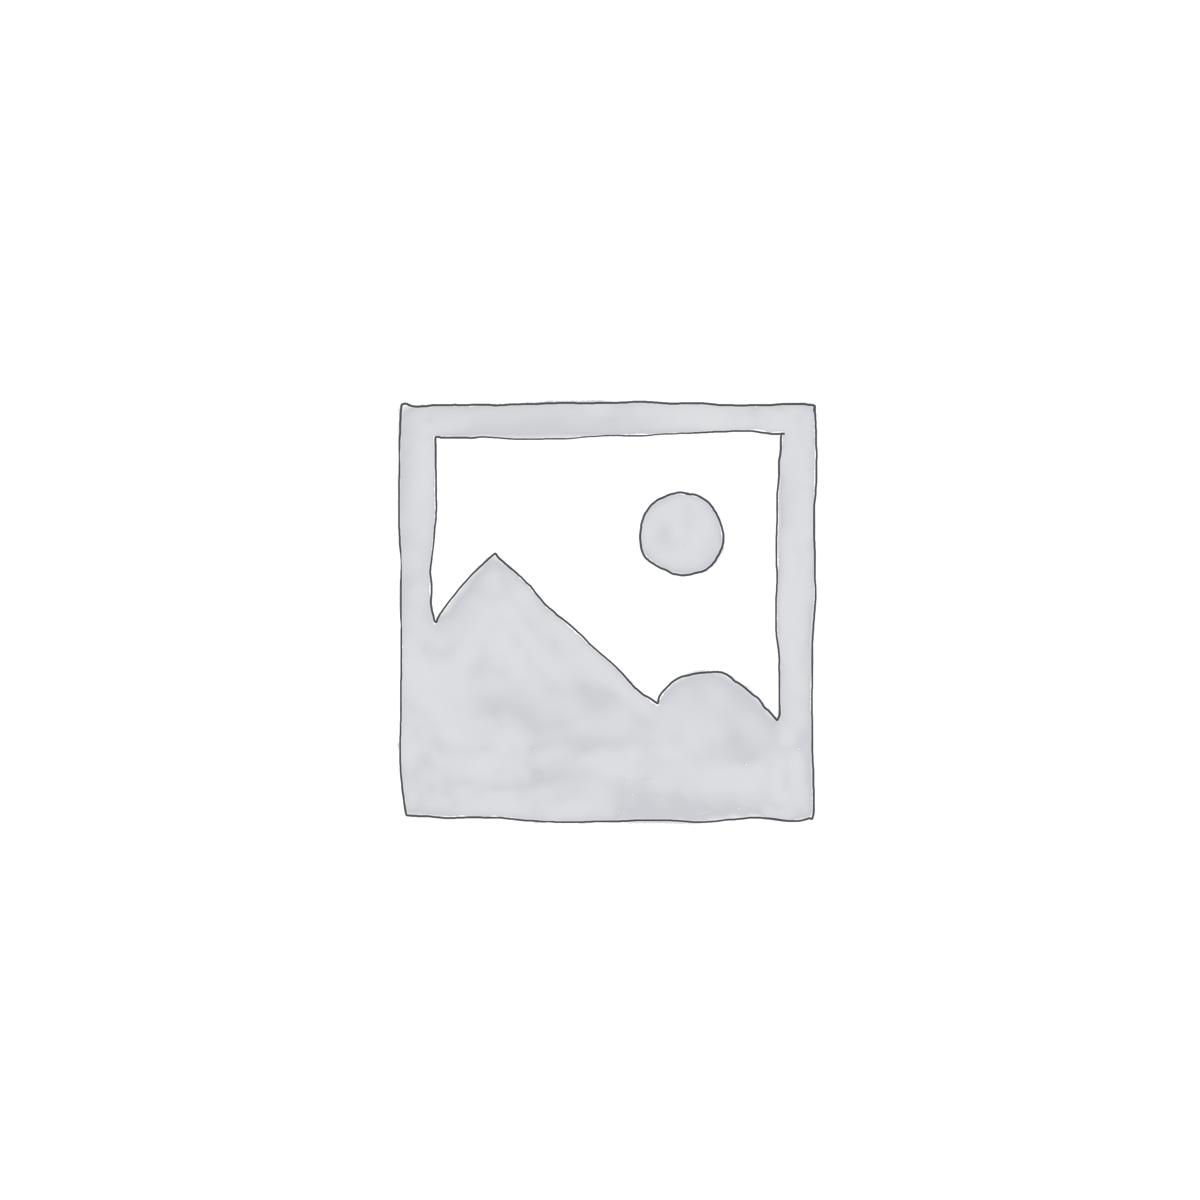 Jungle Pathway Wallpaper Mural